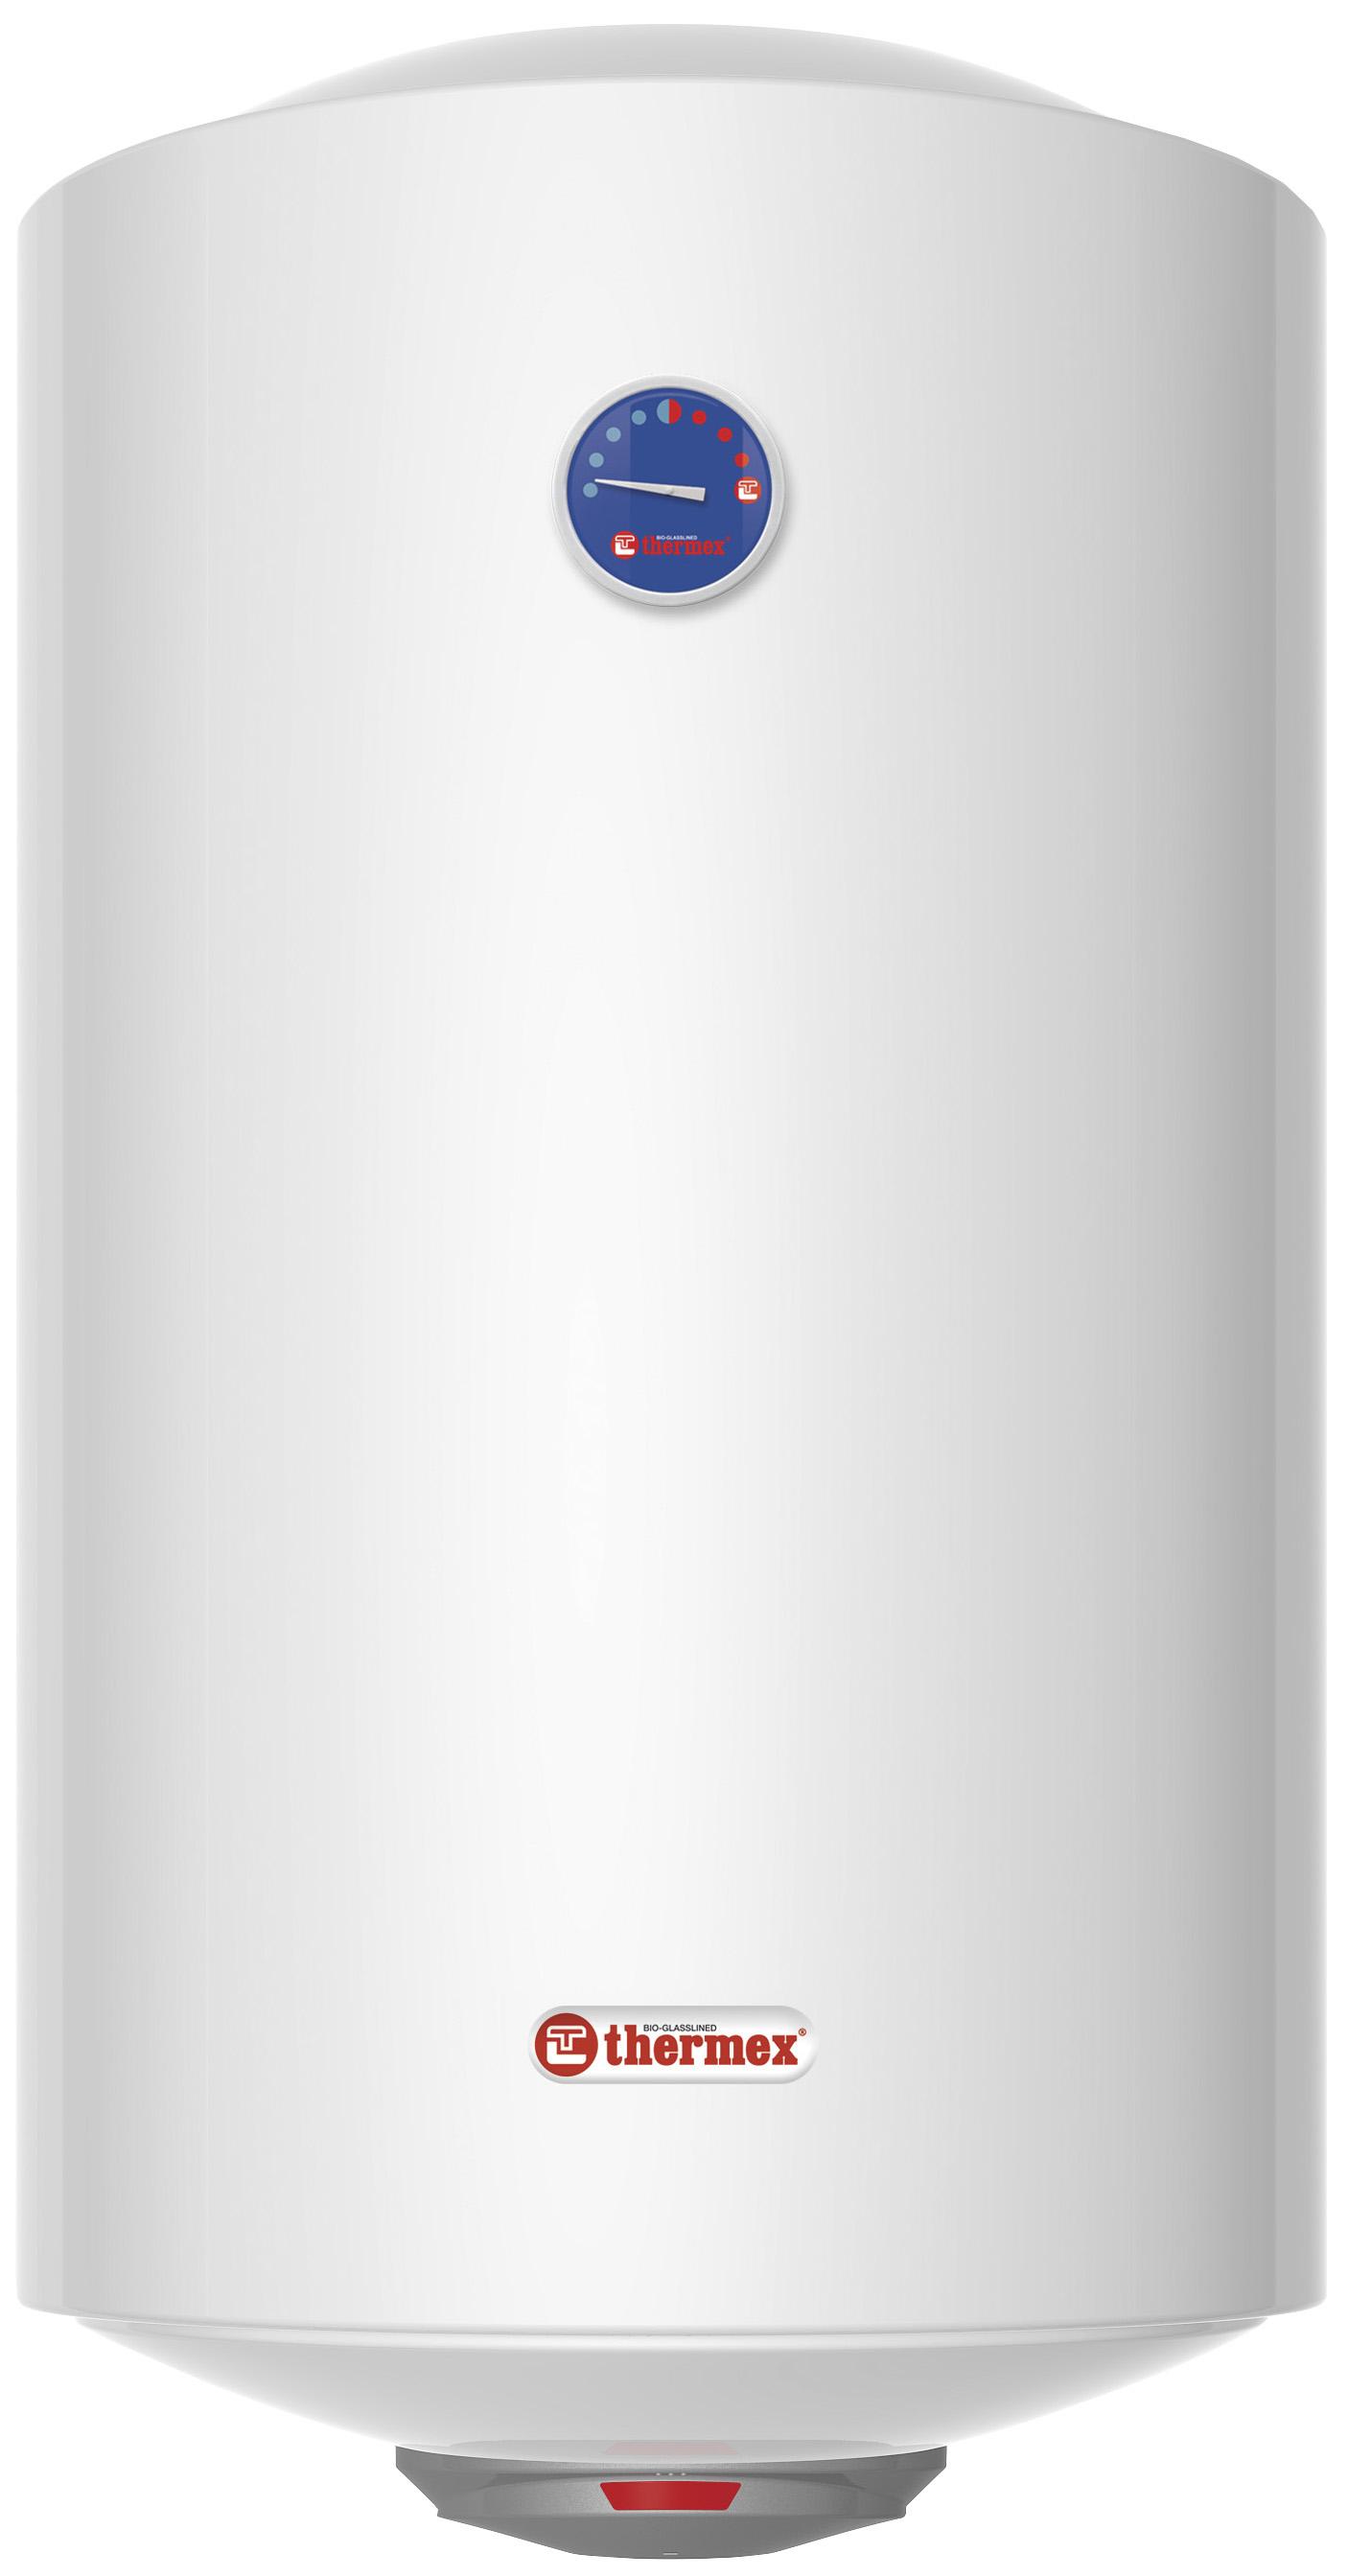 Scaldabagno elettrico ad accumulo basso consumo verticale 3 anni garanzia ebay for Scaldabagno elettrico ad accumulo